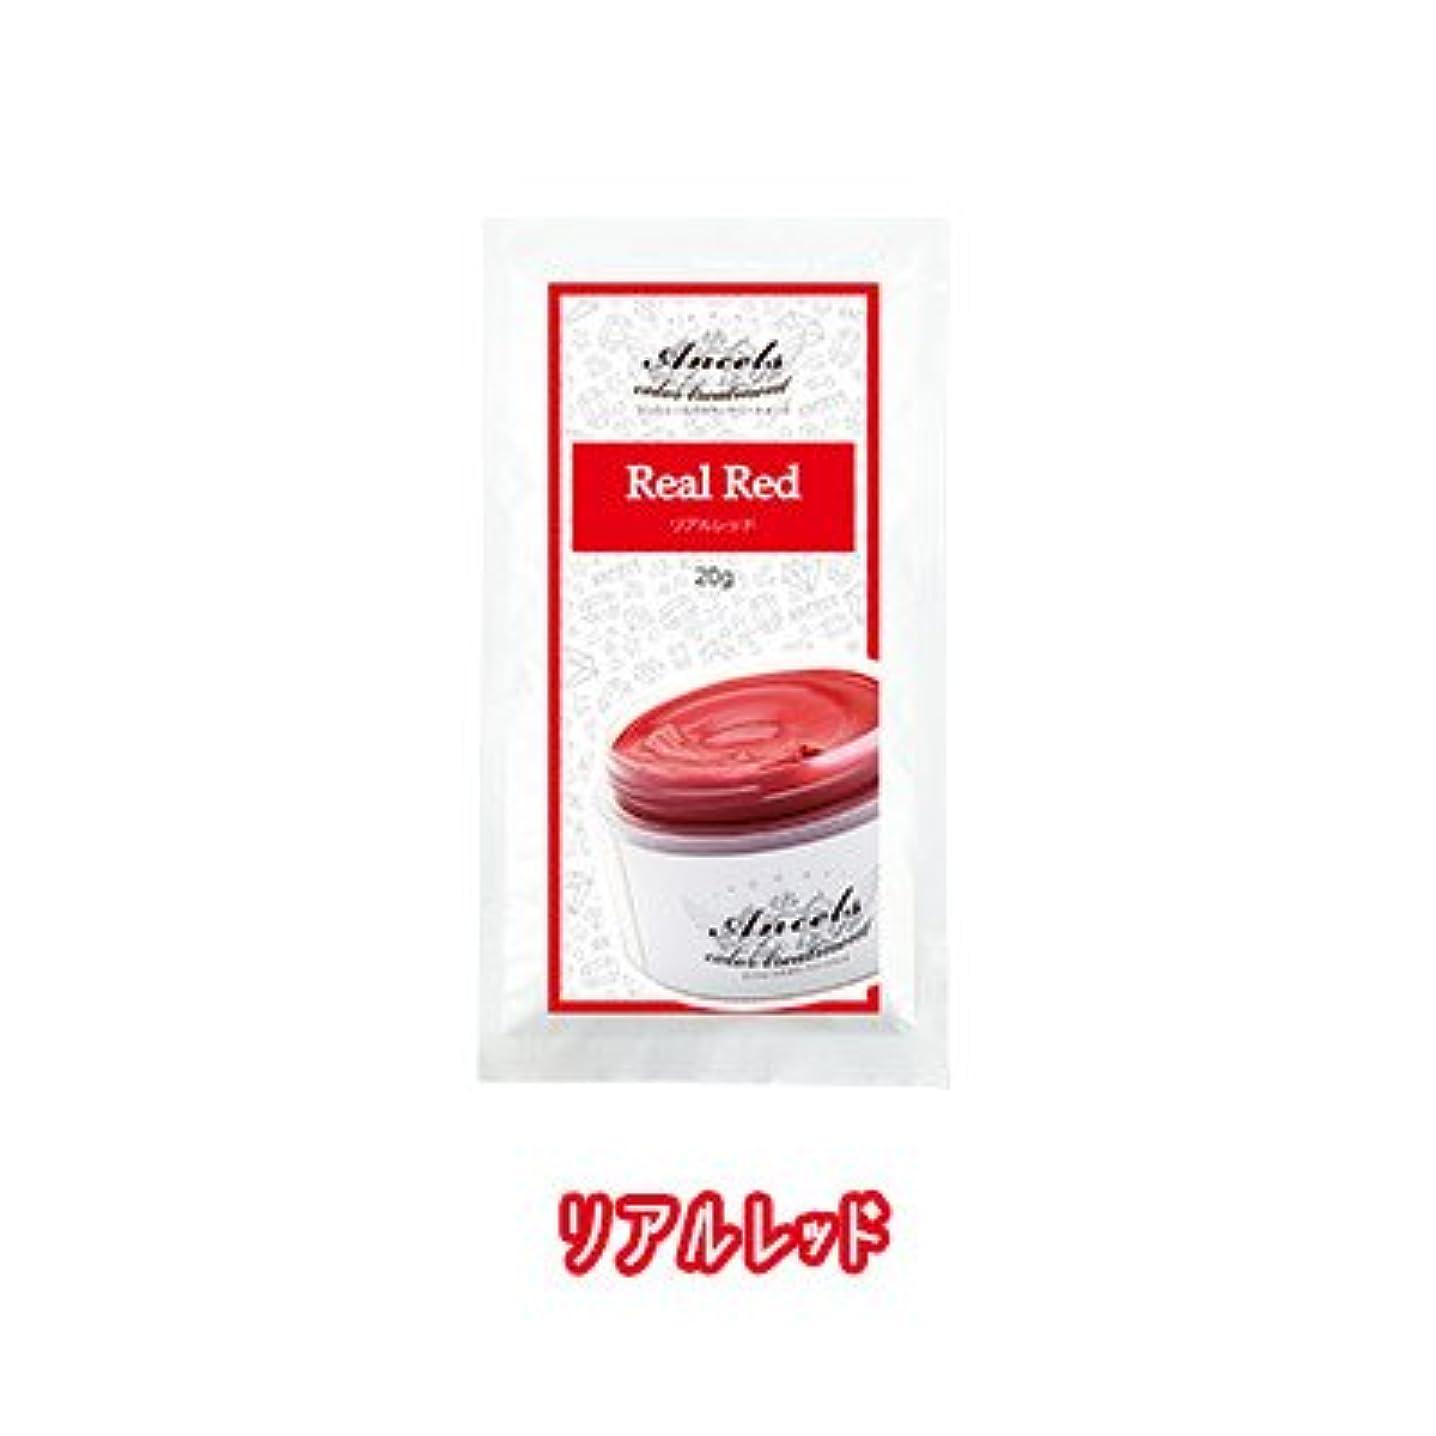 堀キノコ飛行場エンシェールズ カラートリートメントバター プチ(お試しサイズ) リアルレッド 20g